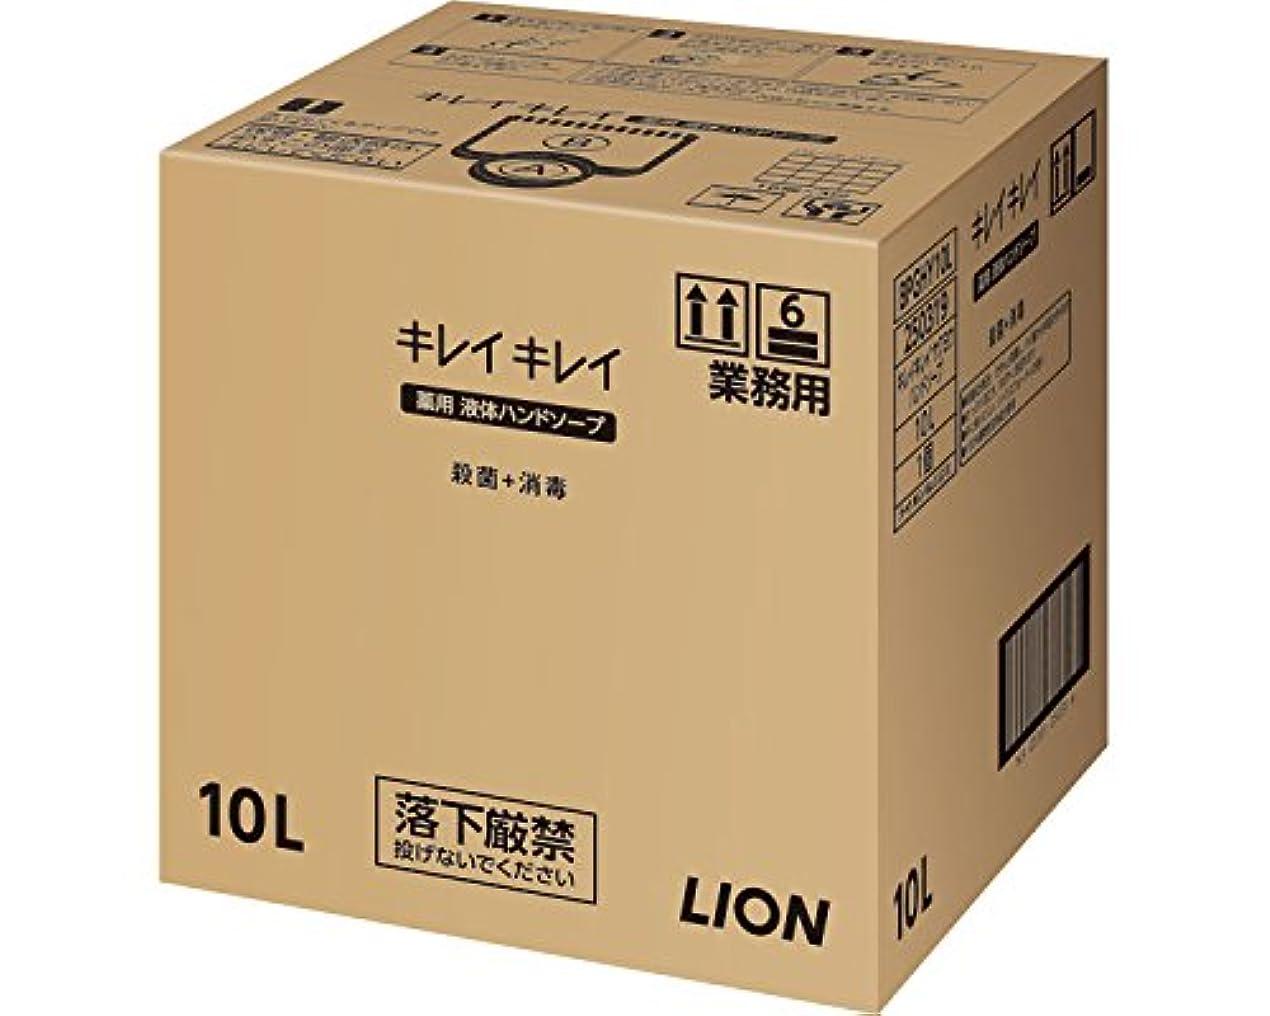 切り刻む冗長ボックスキレイキレイ薬用ハンドソープ 10L (ライオンハイジーン) (清拭小物)